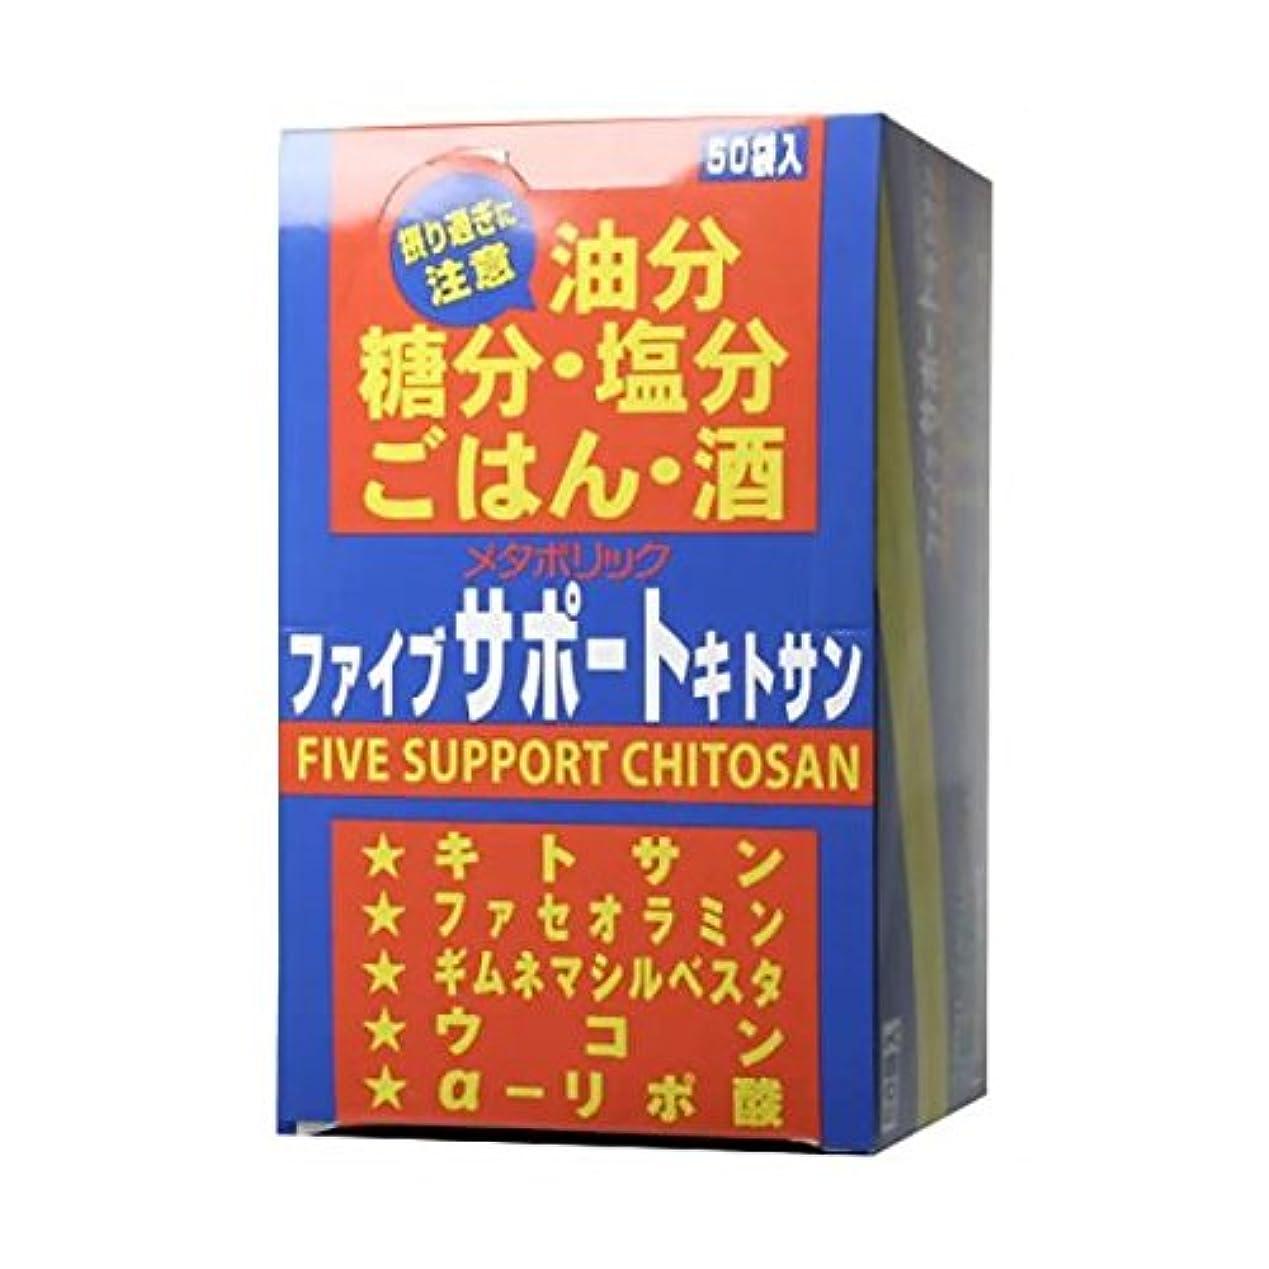 アンペア抽象化チャーミングファイブサポートキトサン 50袋入 × 2個